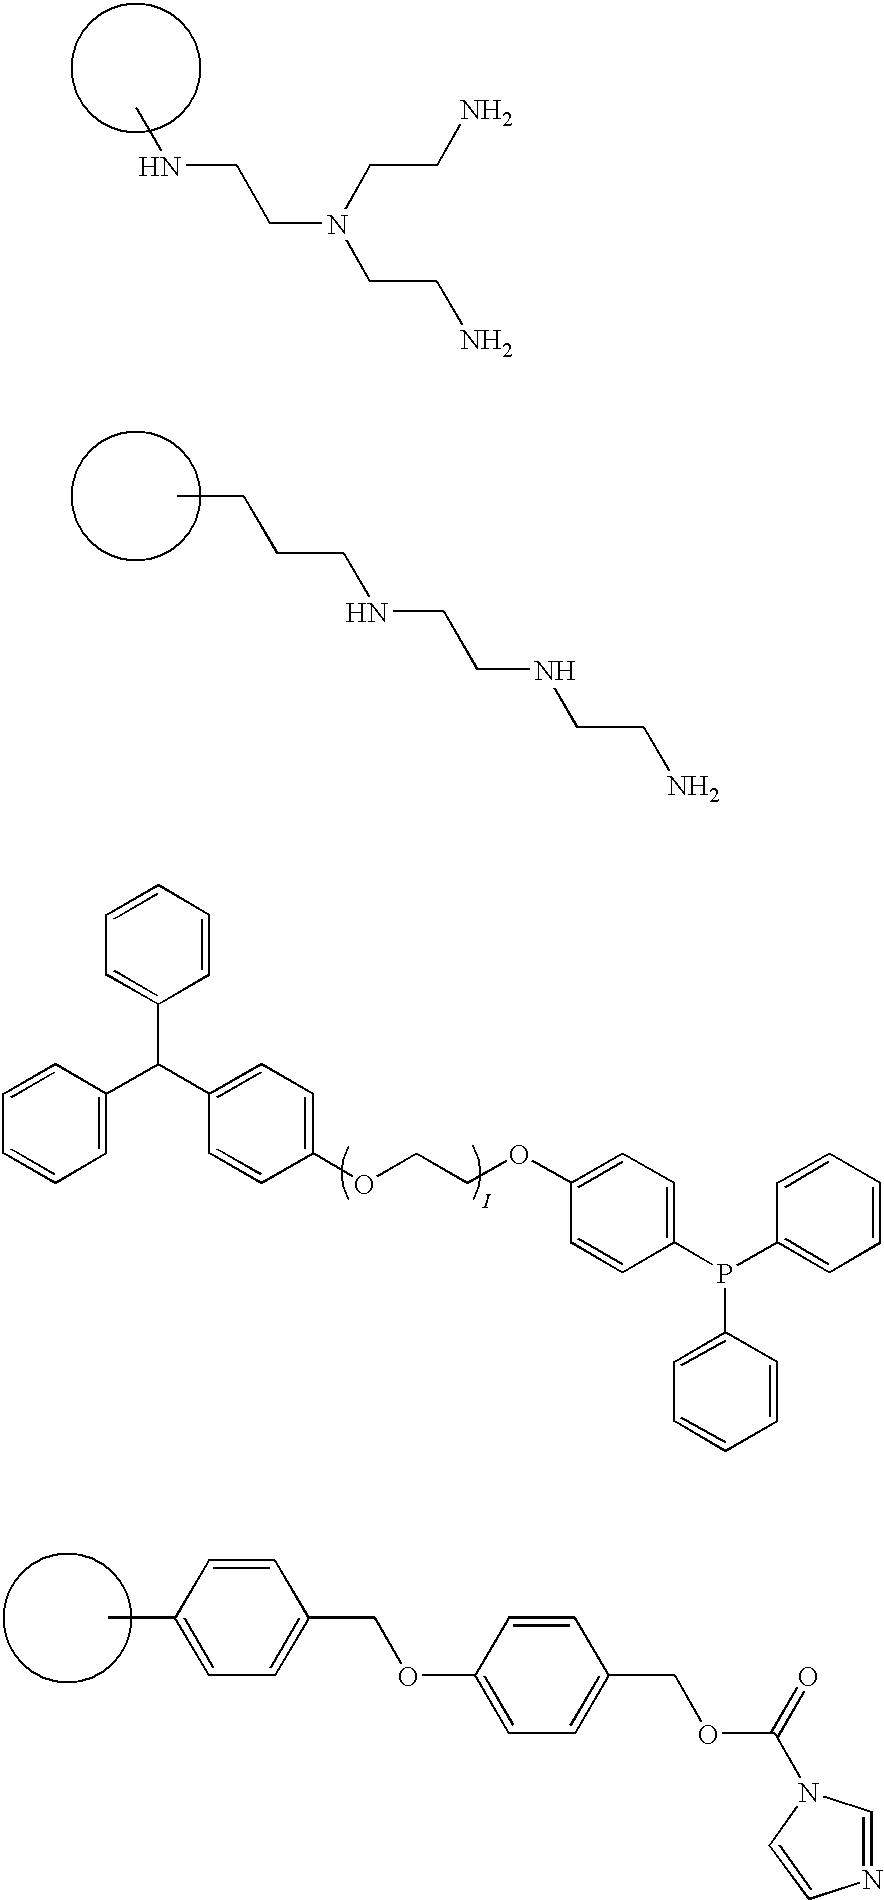 Figure US07625642-20091201-C00021